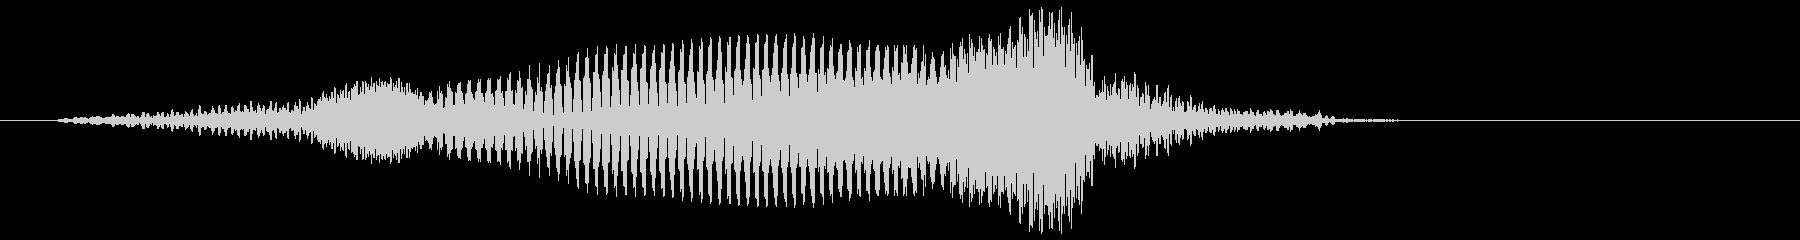 ロボットのよーいデジタル音声の未再生の波形